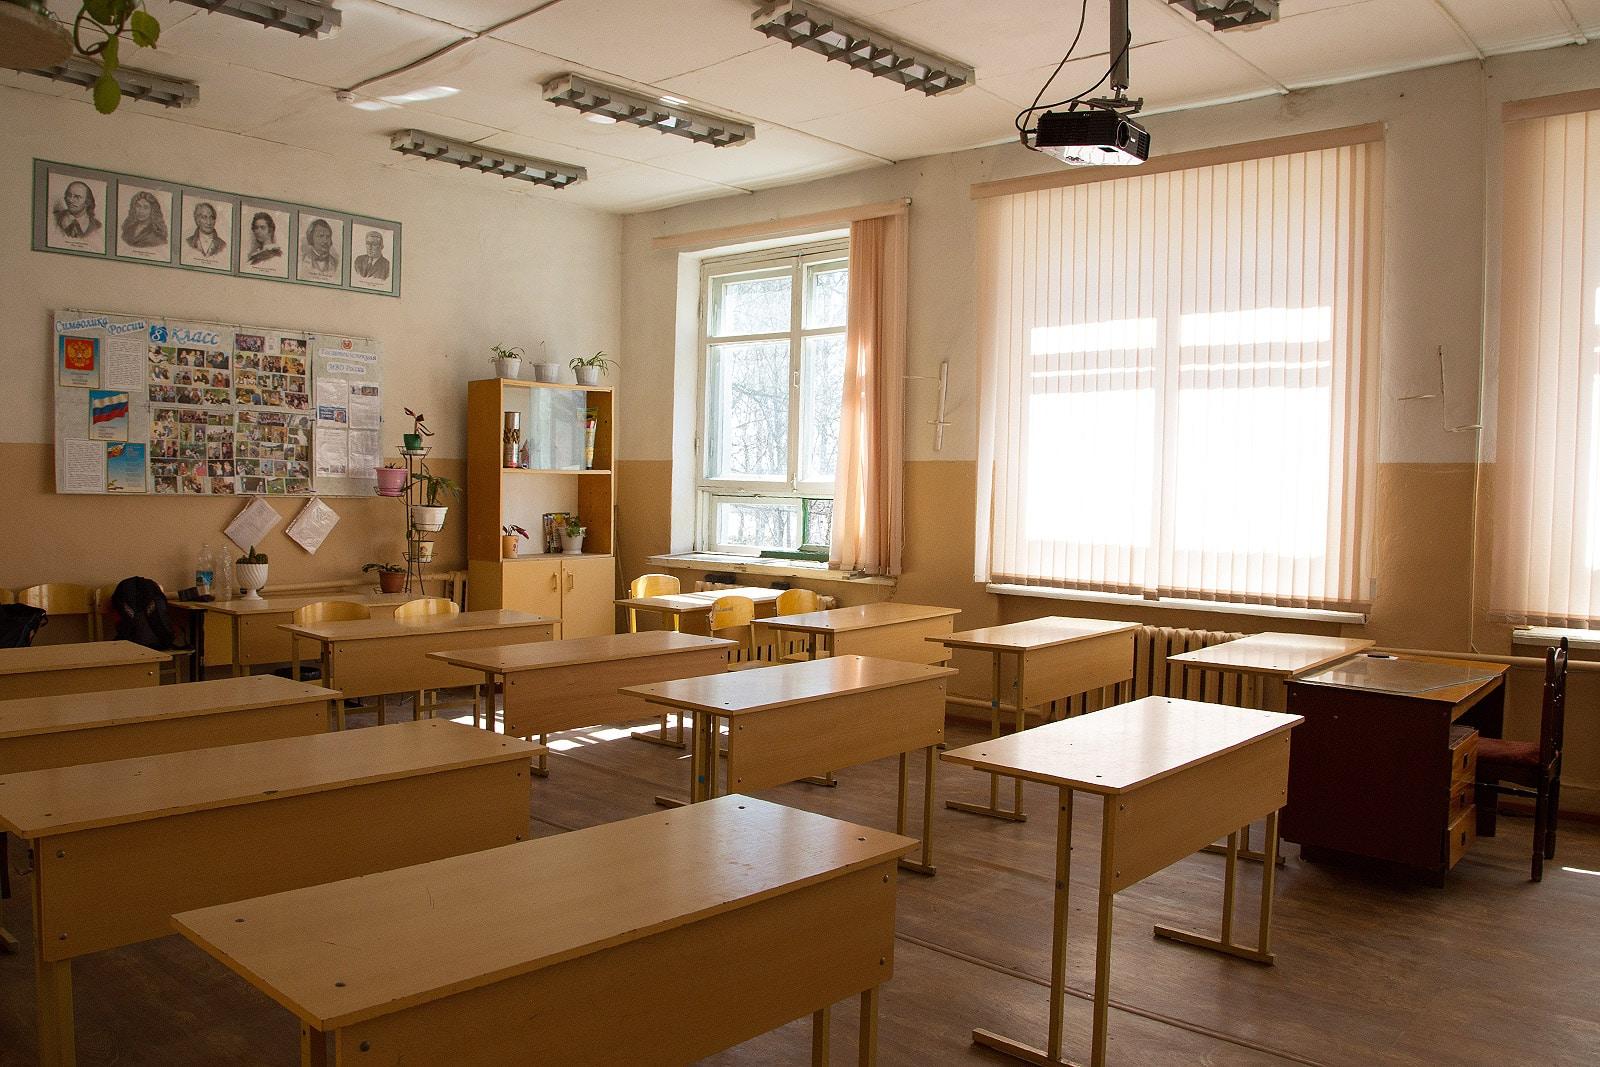 С этого года учителям повысят зарплаты, но они будут сдавать экзамены и позже выходить на пенсию